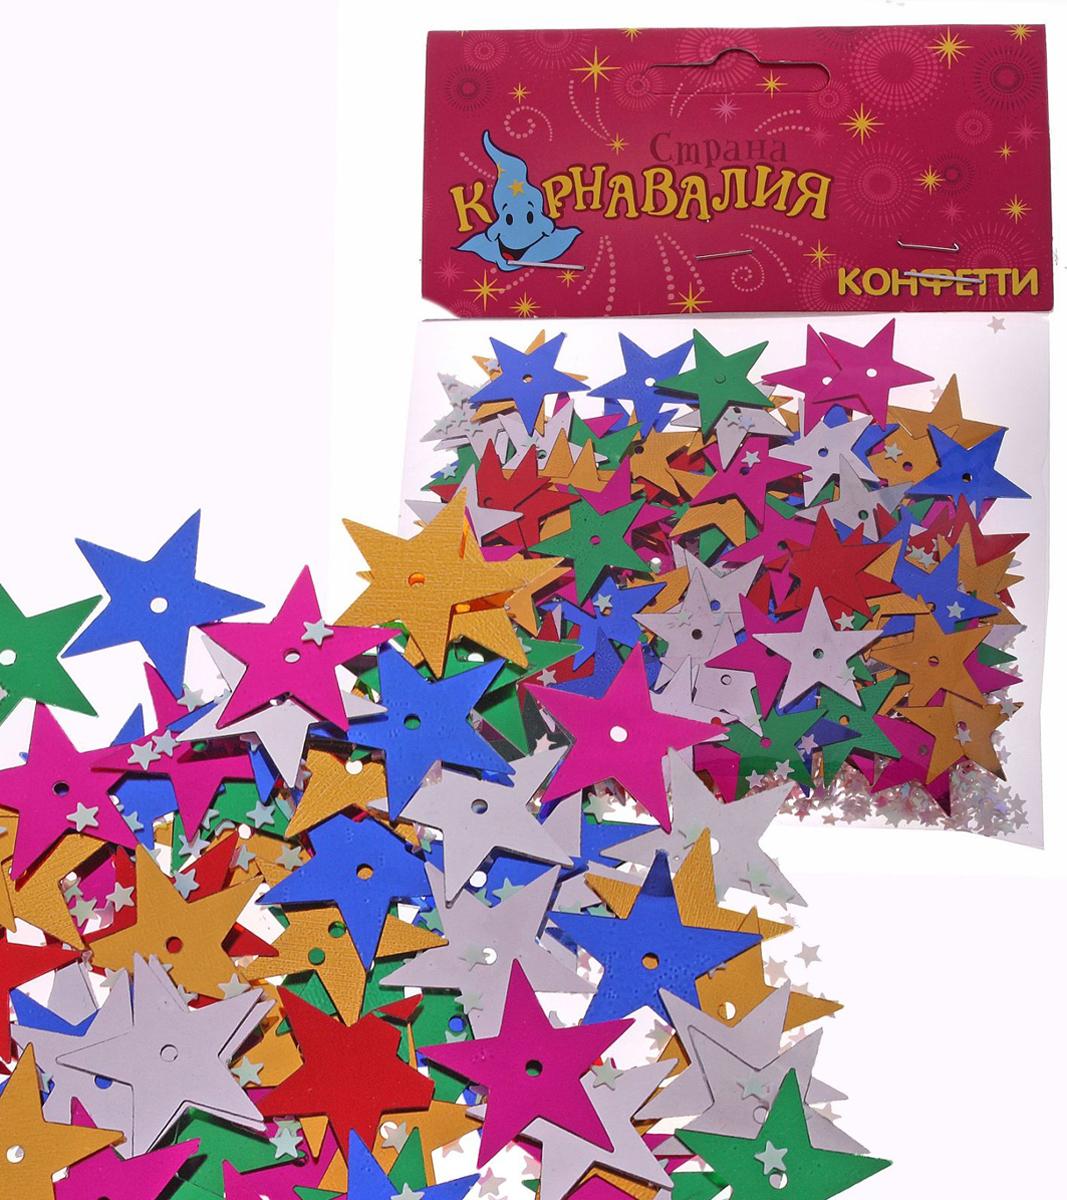 Конфетти Страна Карнавалия Звезды, 14 г321608Невозможно представить нашу жизнь без праздников! Мы всегда ждем их и предвкушаем, обдумываем, как проведем памятный день, тщательно выбираем подарки и аксессуары, ведь именно они создают и поддерживают торжественный настрой. Новогодние аксессуары — это отличный выбор, который привнесет атмосферу праздника в ваш дом!